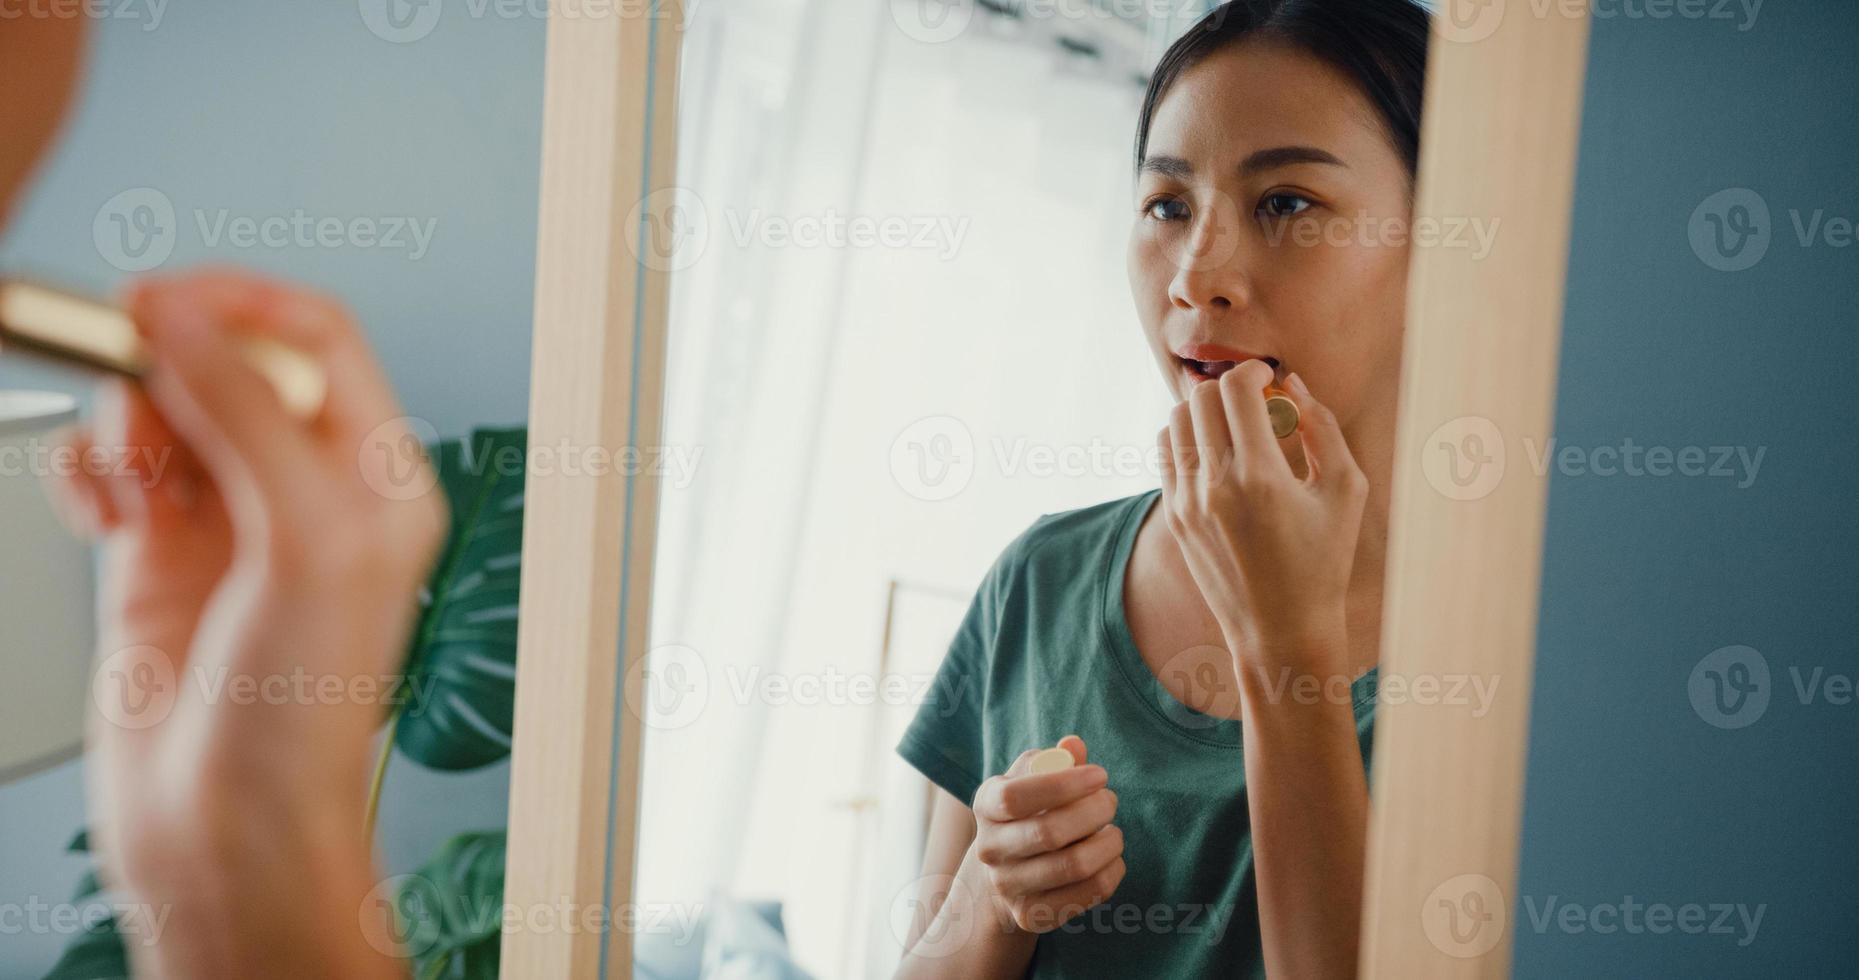 la bella signora asiatica con un panno casual si mette il rossetto sulle labbra davanti allo specchio in camera da letto a casa la mattina prima di uscire a uscire. giovane donna sorridente che applica trucco e che esamina specchio. foto